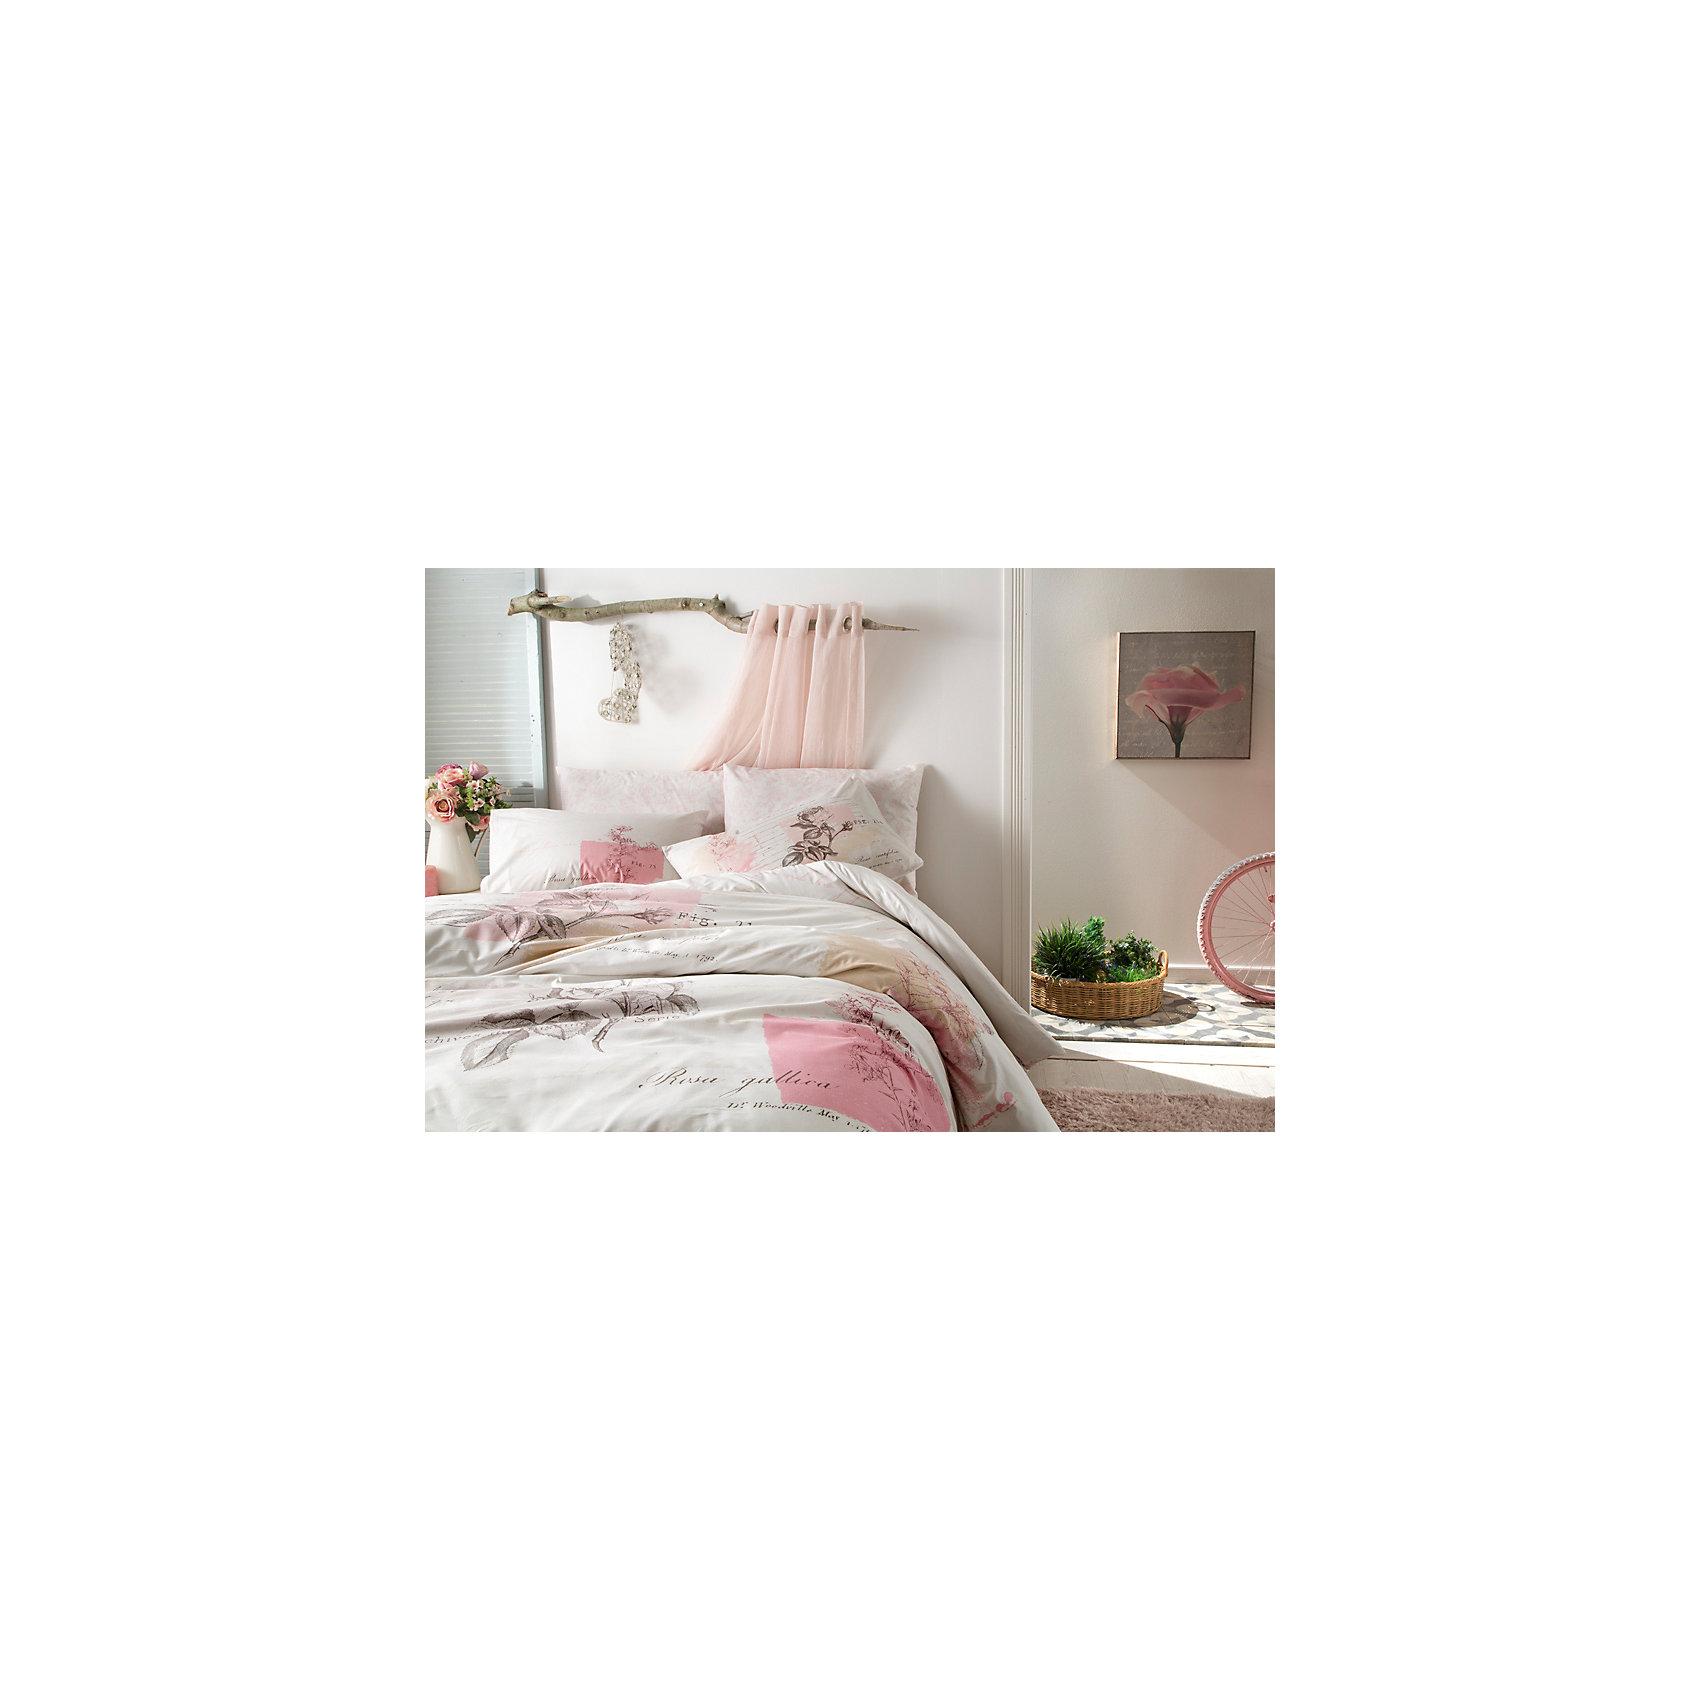 Постельное белье 1,5 сп. Betsy, Ranforce, TAC, розовыйДомашний текстиль<br>Характеристики товара: <br><br>• комплектация: пододеяльник (160х220см), наволочка (50х70см), простынь (180х260см)<br>• общий размер: 1,5-спальный;<br>• материал: ранфорс (100% хлопок);<br>• цвет: розовый;<br>• страна бренда: Турция;<br>• страна производитель: Турция.<br><br>Это постельное бельё от турецкого бренда TAC (ТАЧ) отлично впишется в интерьер. Несмотря на плотность ткани, она состоит из мельчайших волокон, что придаёт мягкость и воздушность изделию. Все материалы, которые входят в состав этого комплекта, гипоаллергенны и не вызывают неприятных ощущений. Это бельё не боится воды, так как пропускает через себя около 20% влаги и выводит наружу, поэтому её очень легко сушить. Такие материалы не электризуются, а наоборот способствуют улучшению сна и хорошо пропускают воздух.<br> <br>Такой комплект очень устойчив к частым стиркам, его рекомендуется стирать обычным порошком. Ткань отличается особой износоустойчивостью и прочностью.<br><br>Постельное белье  Betsy (Бетси) можно купить в нашем интернет-магазине.<br><br>Ширина мм: 270<br>Глубина мм: 70<br>Высота мм: 390<br>Вес г: 2200<br>Возраст от месяцев: 216<br>Возраст до месяцев: 1188<br>Пол: Унисекс<br>Возраст: Детский<br>SKU: 6849246